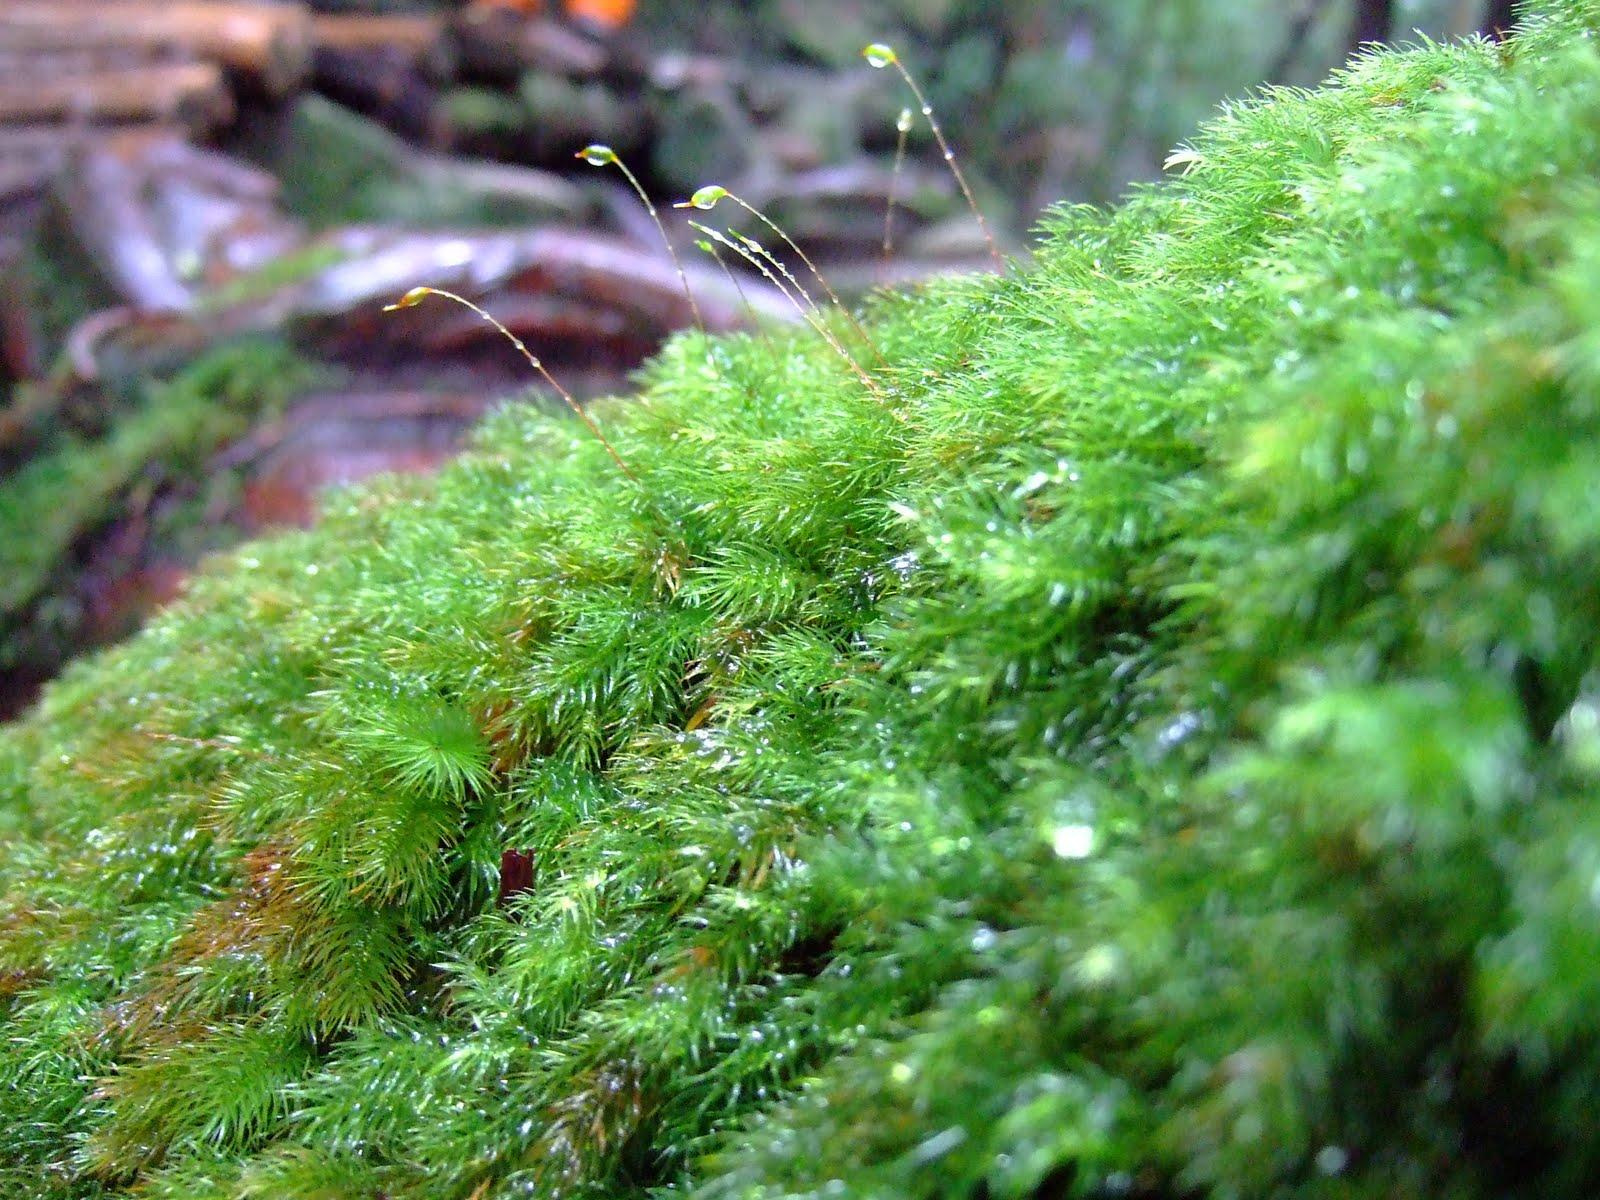 屋久島の森にはおよそ600種が生息しているそう。しかし途中から雲行きが怪しくなり・・・太鼓岩にた